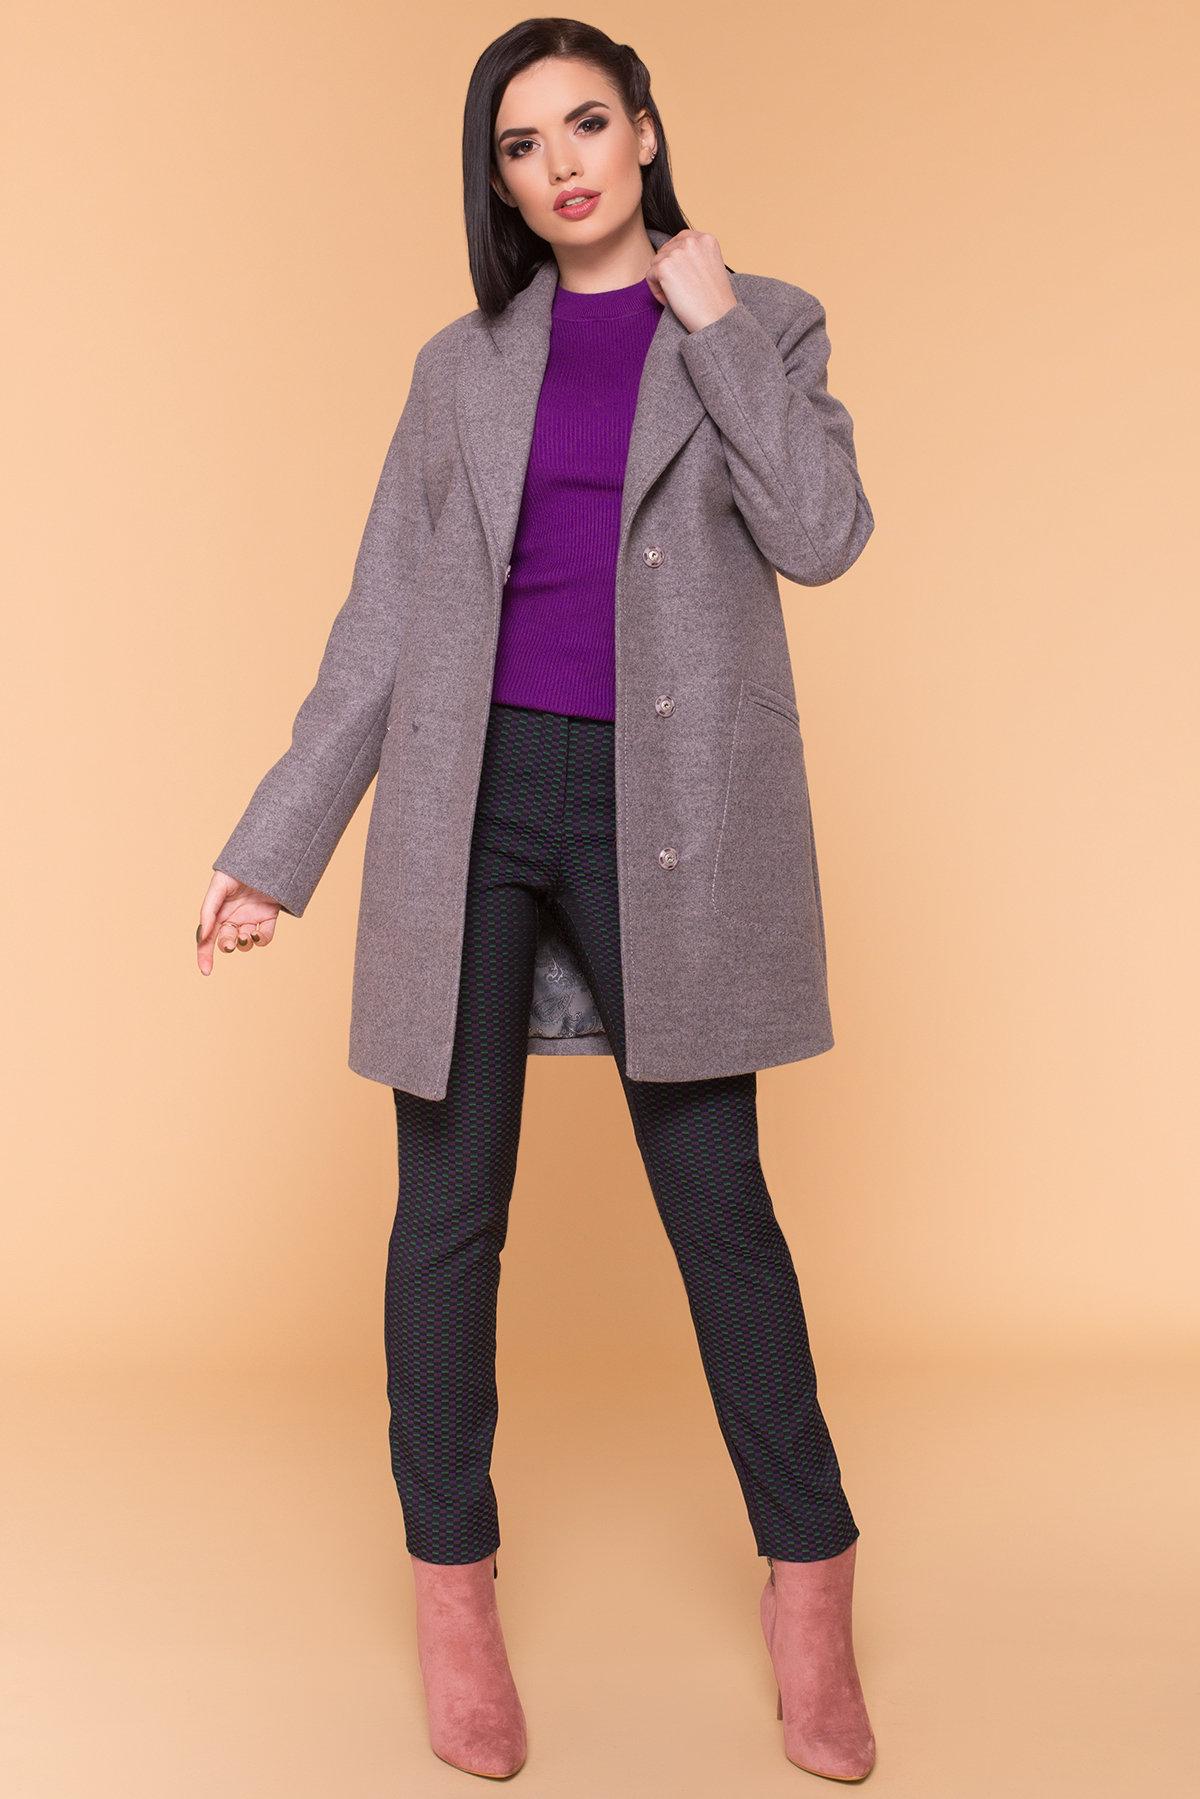 Пальто Ждана Лайт 6231 АРТ. 40990 Цвет: Серо-розовый 19 - фото 3, интернет магазин tm-modus.ru